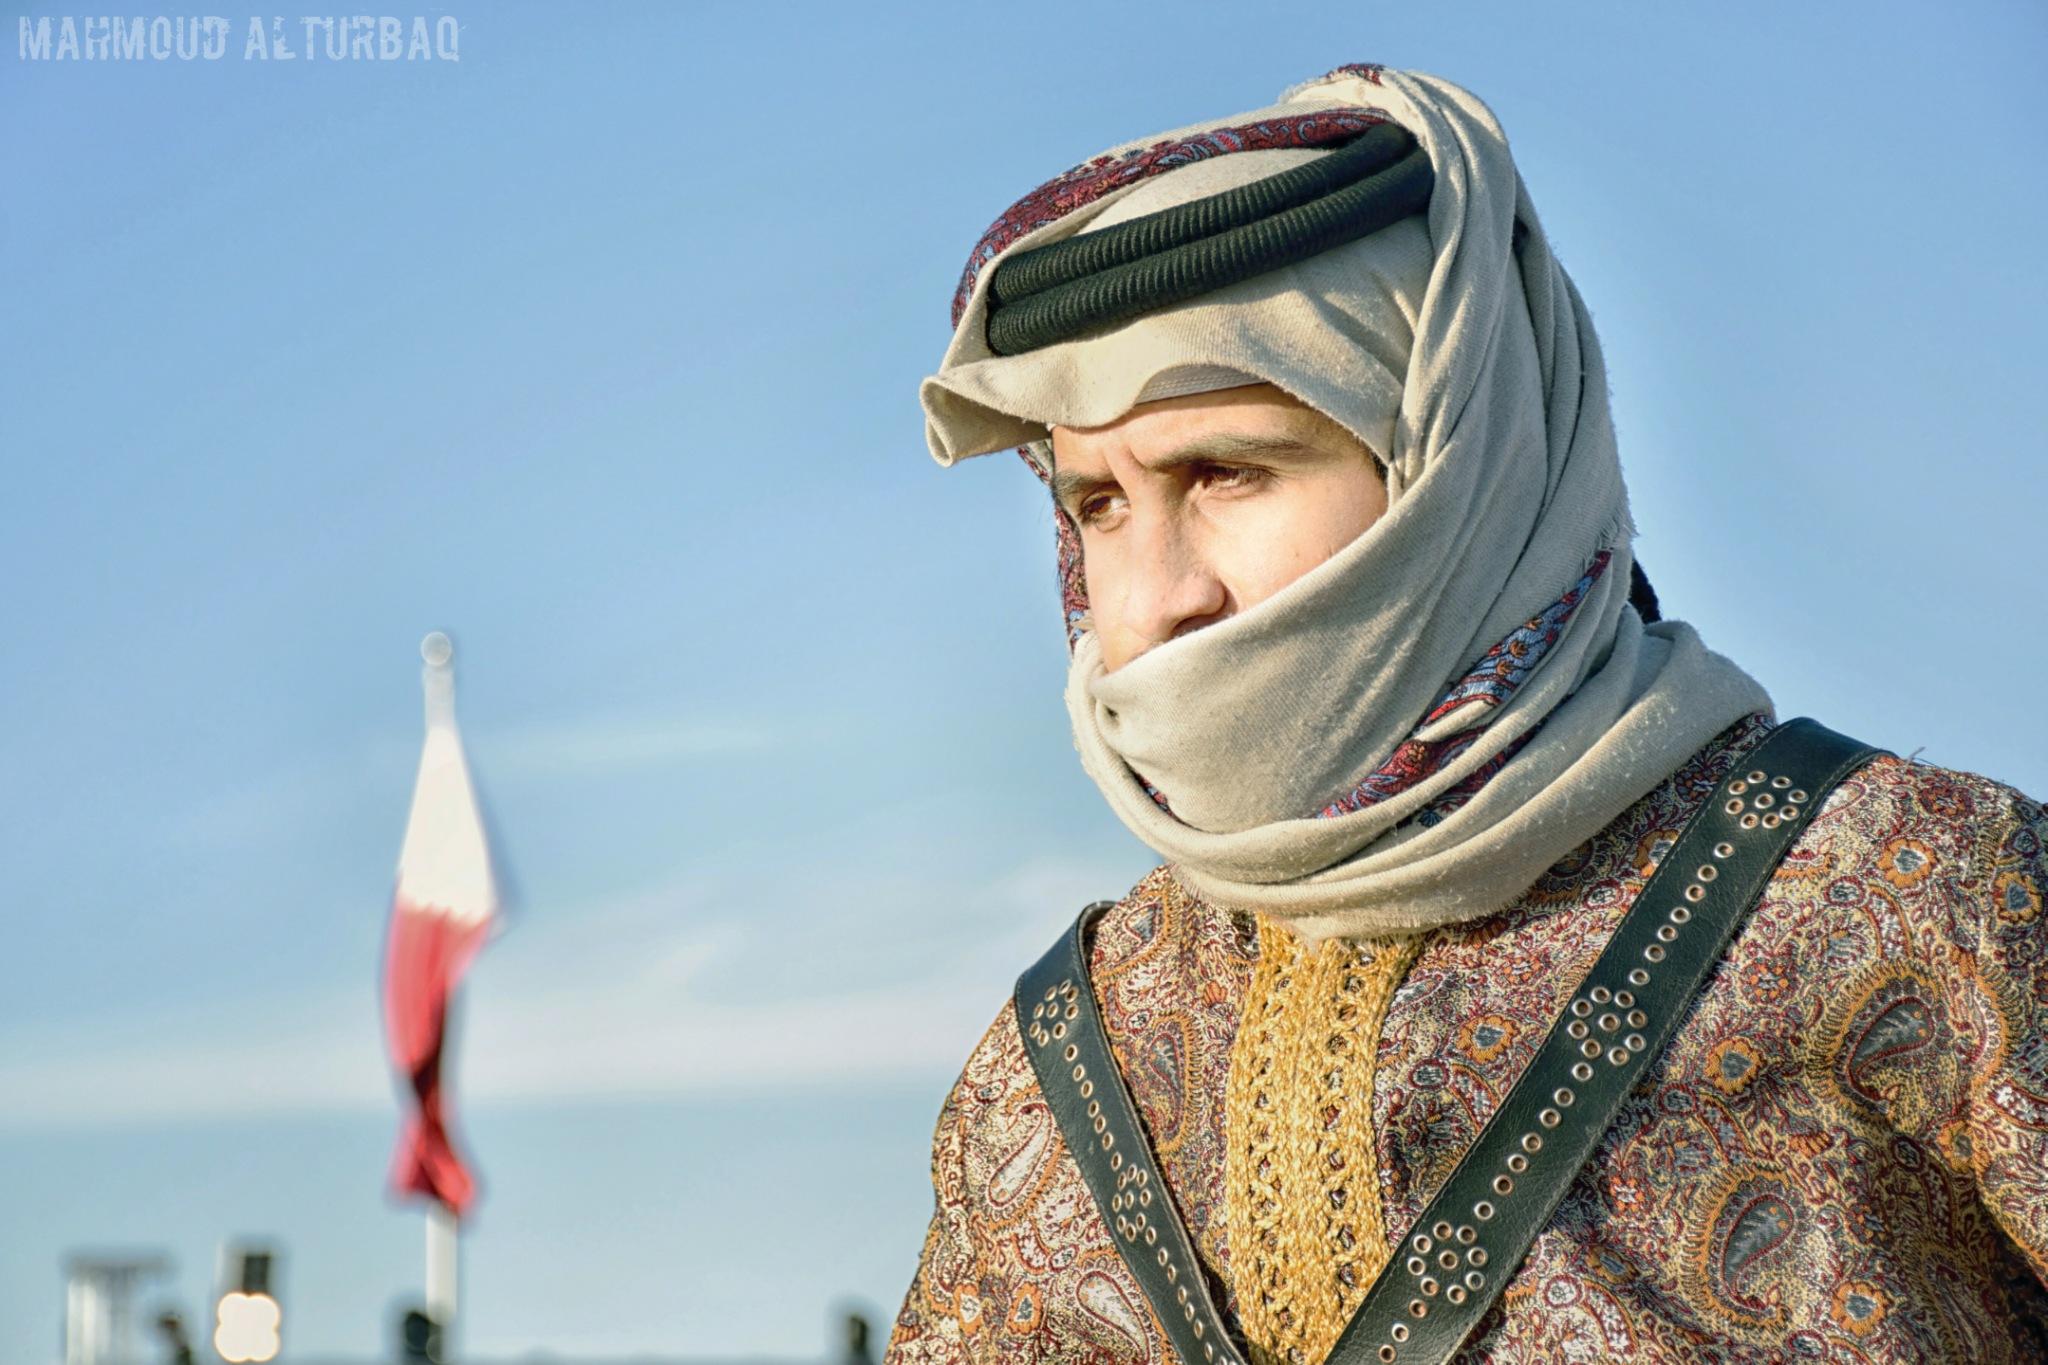 Qatari Knight  by Mahmoud Alturbaq